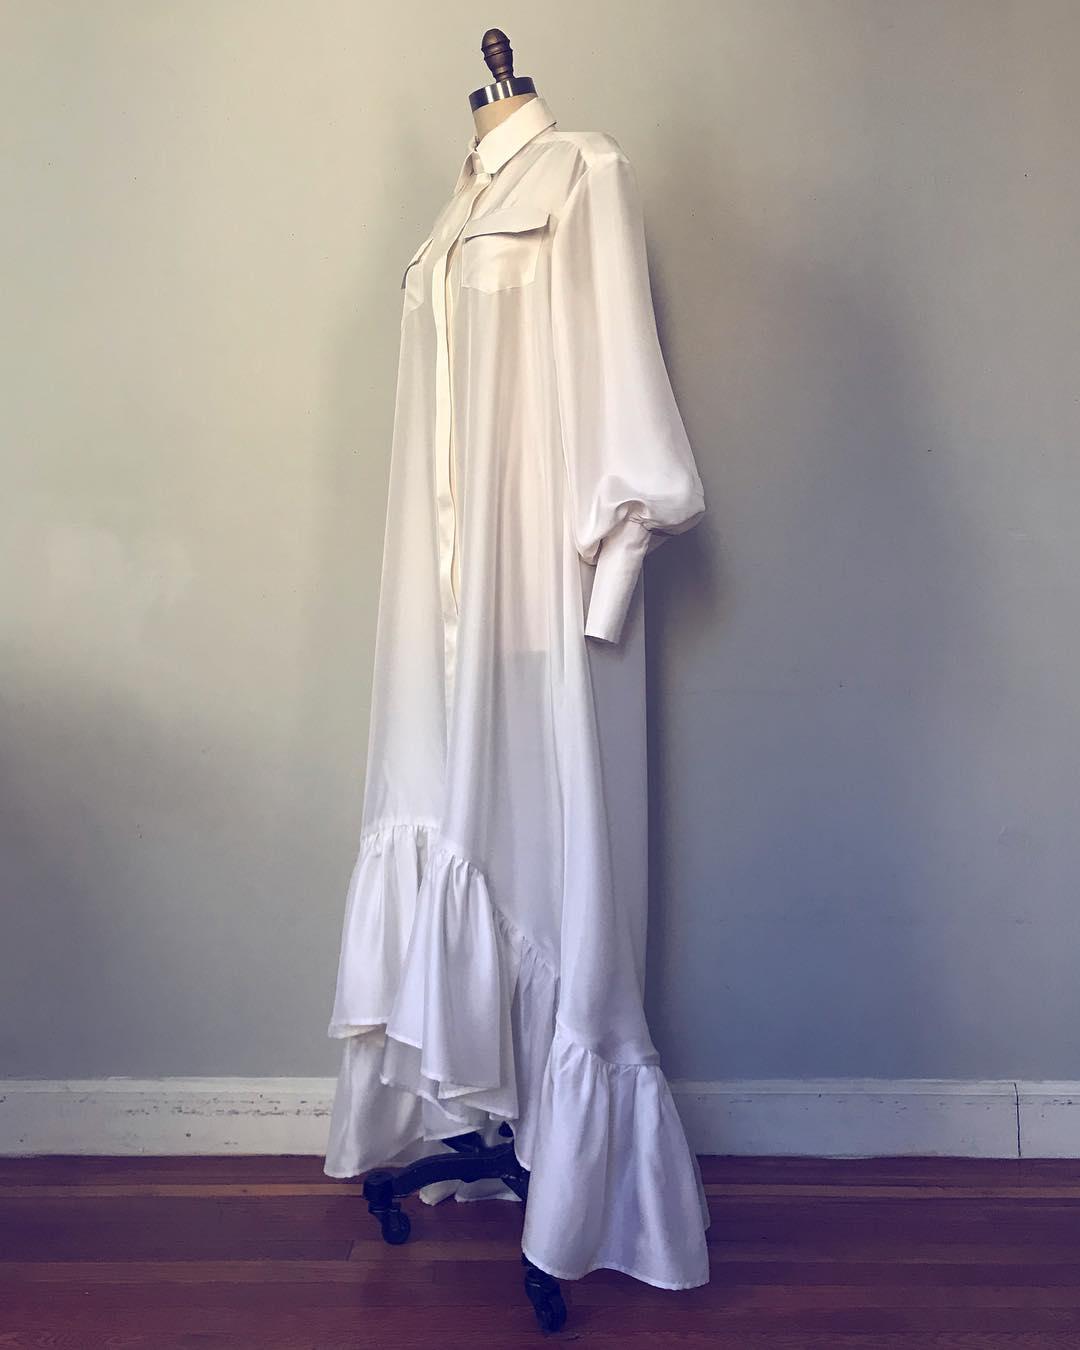 Namibia Viera_silk white dress+long sleeves and ruffles at hem.jpg